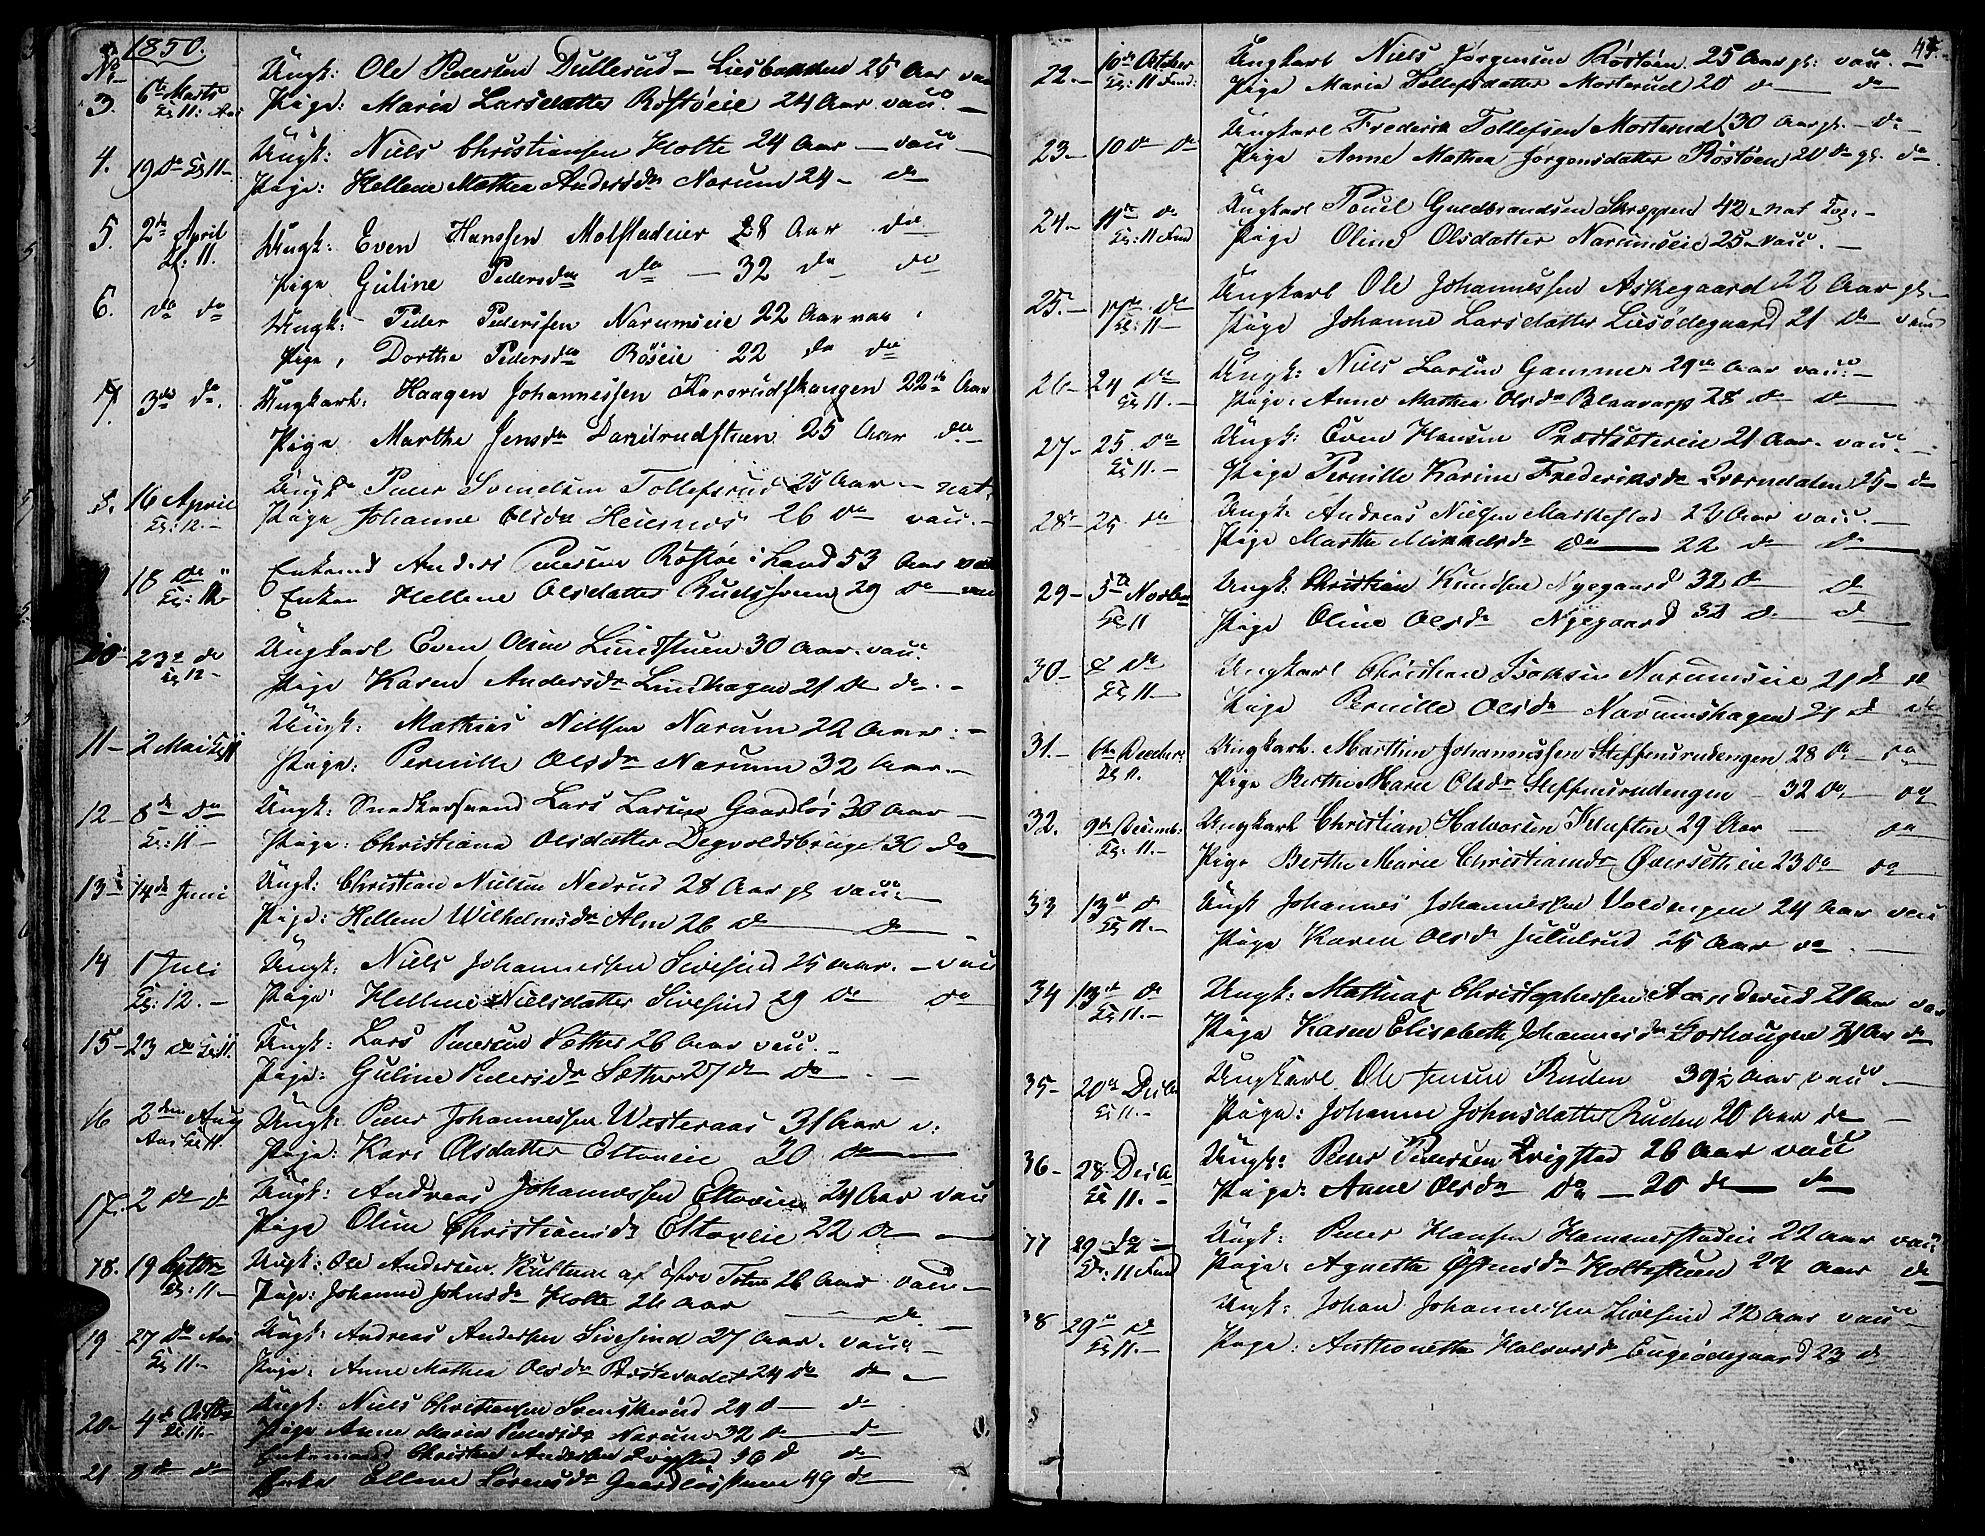 SAH, Vestre Toten prestekontor, H/Ha/Hab/L0003: Klokkerbok nr. 3, 1846-1854, s. 45